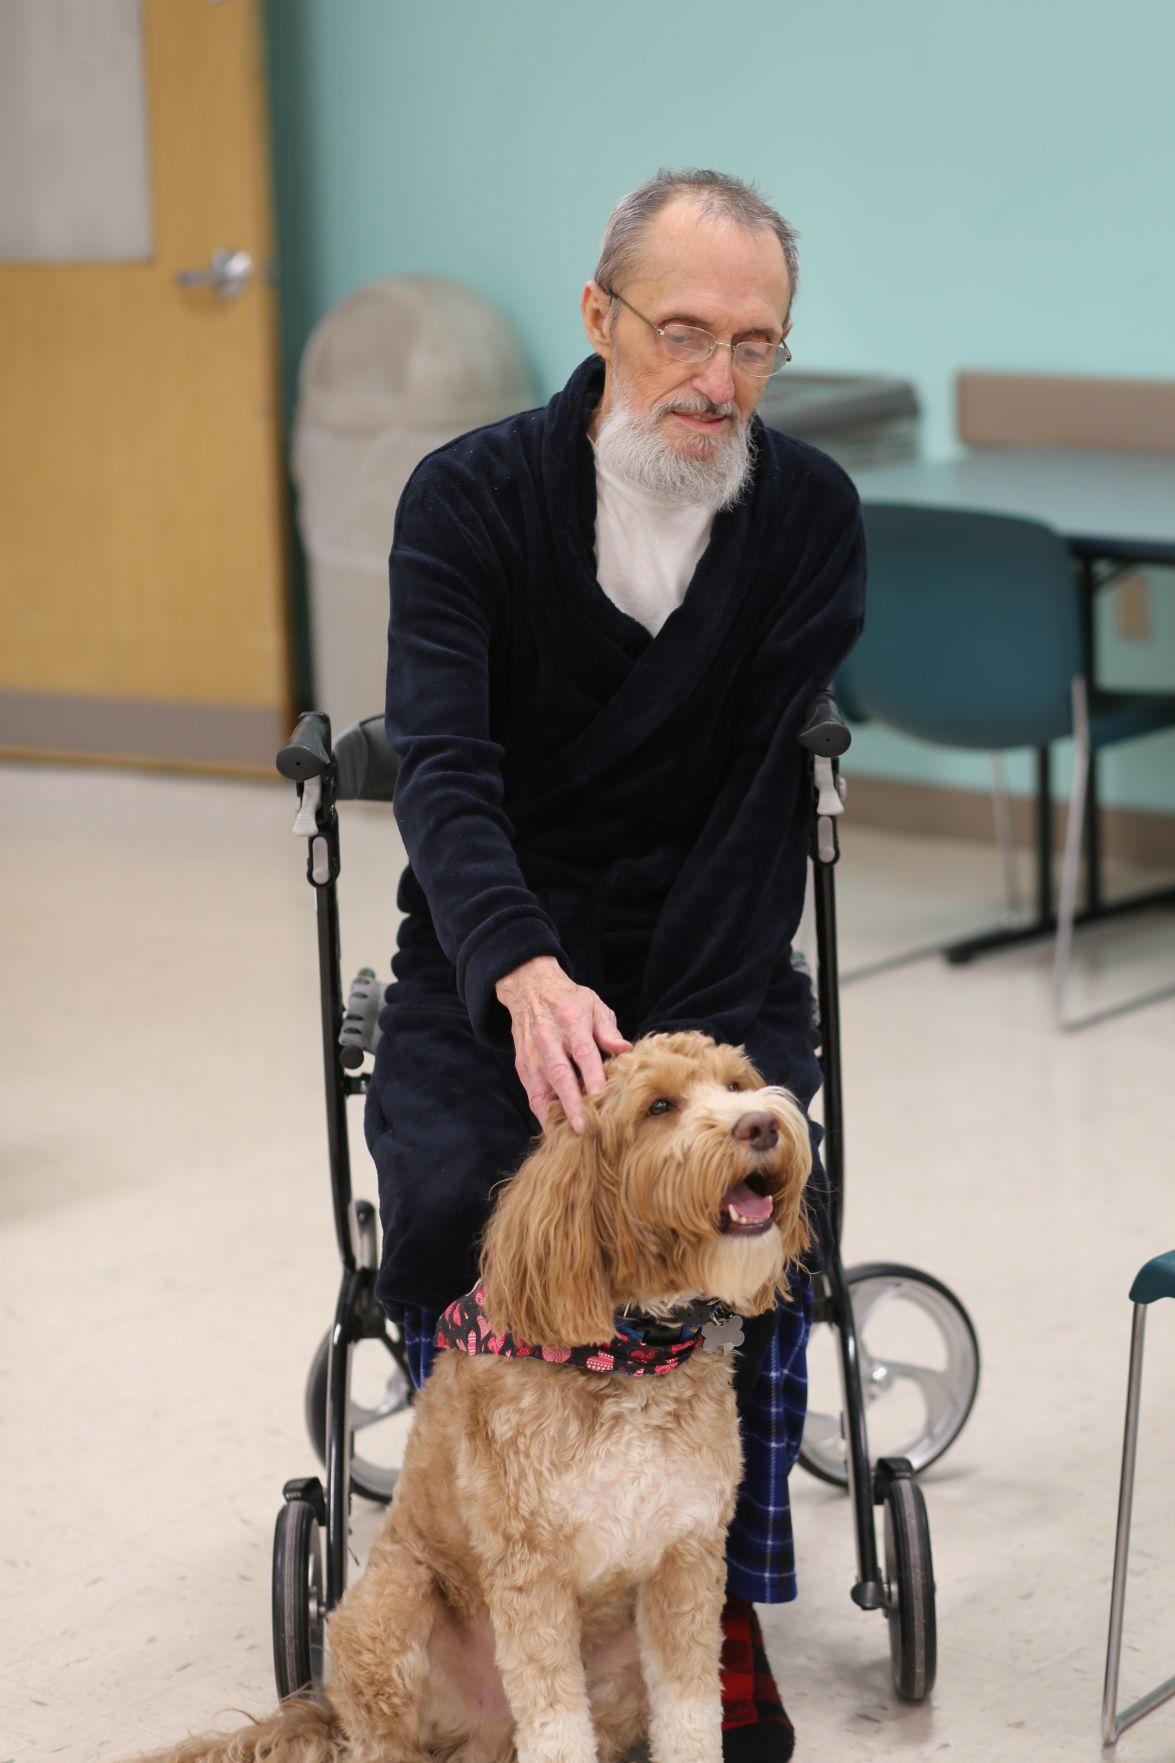 Veterans get some puppy love